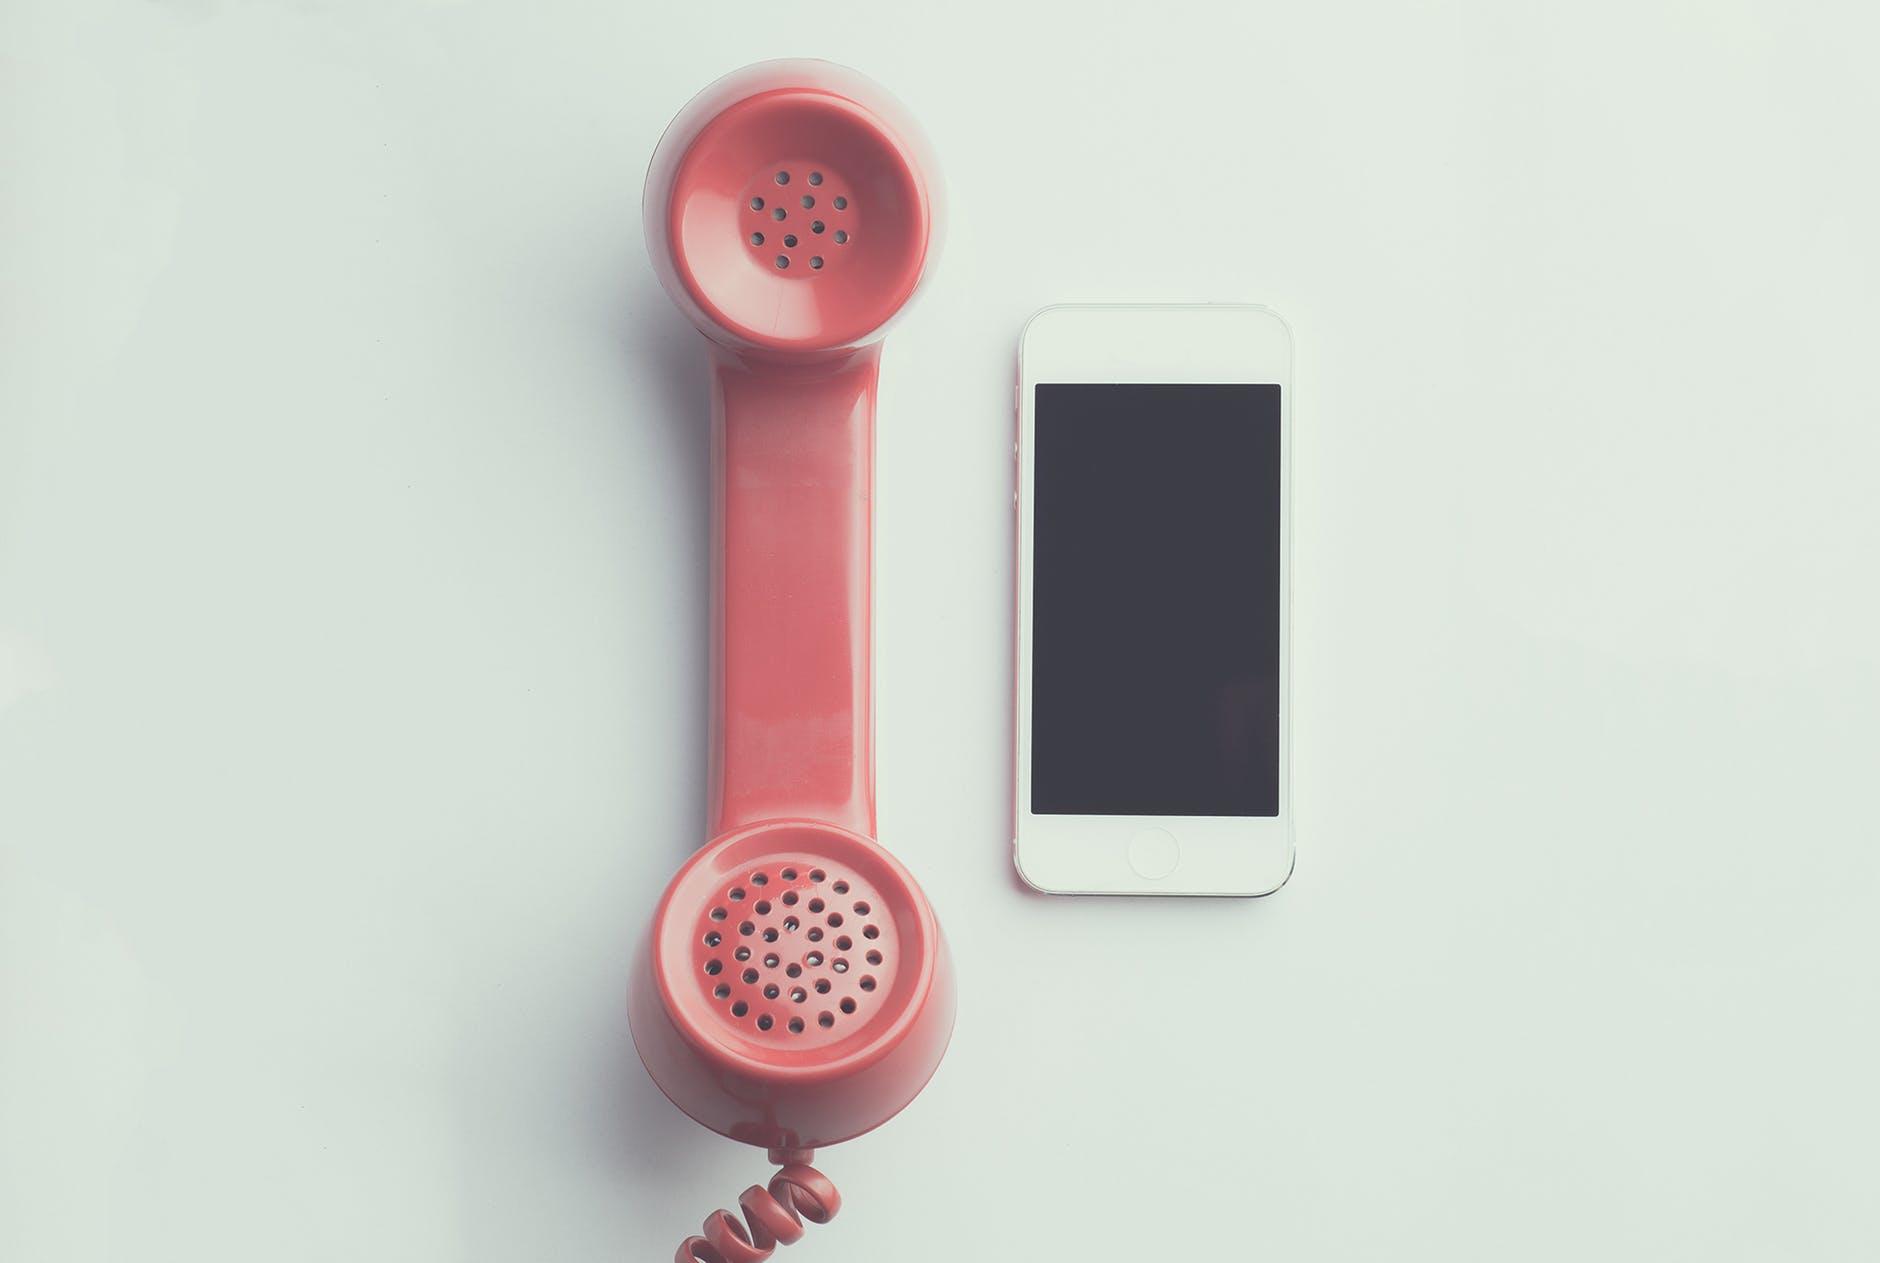 Update coronamaatregelen – Mogelijkheden communicatie met bewoners